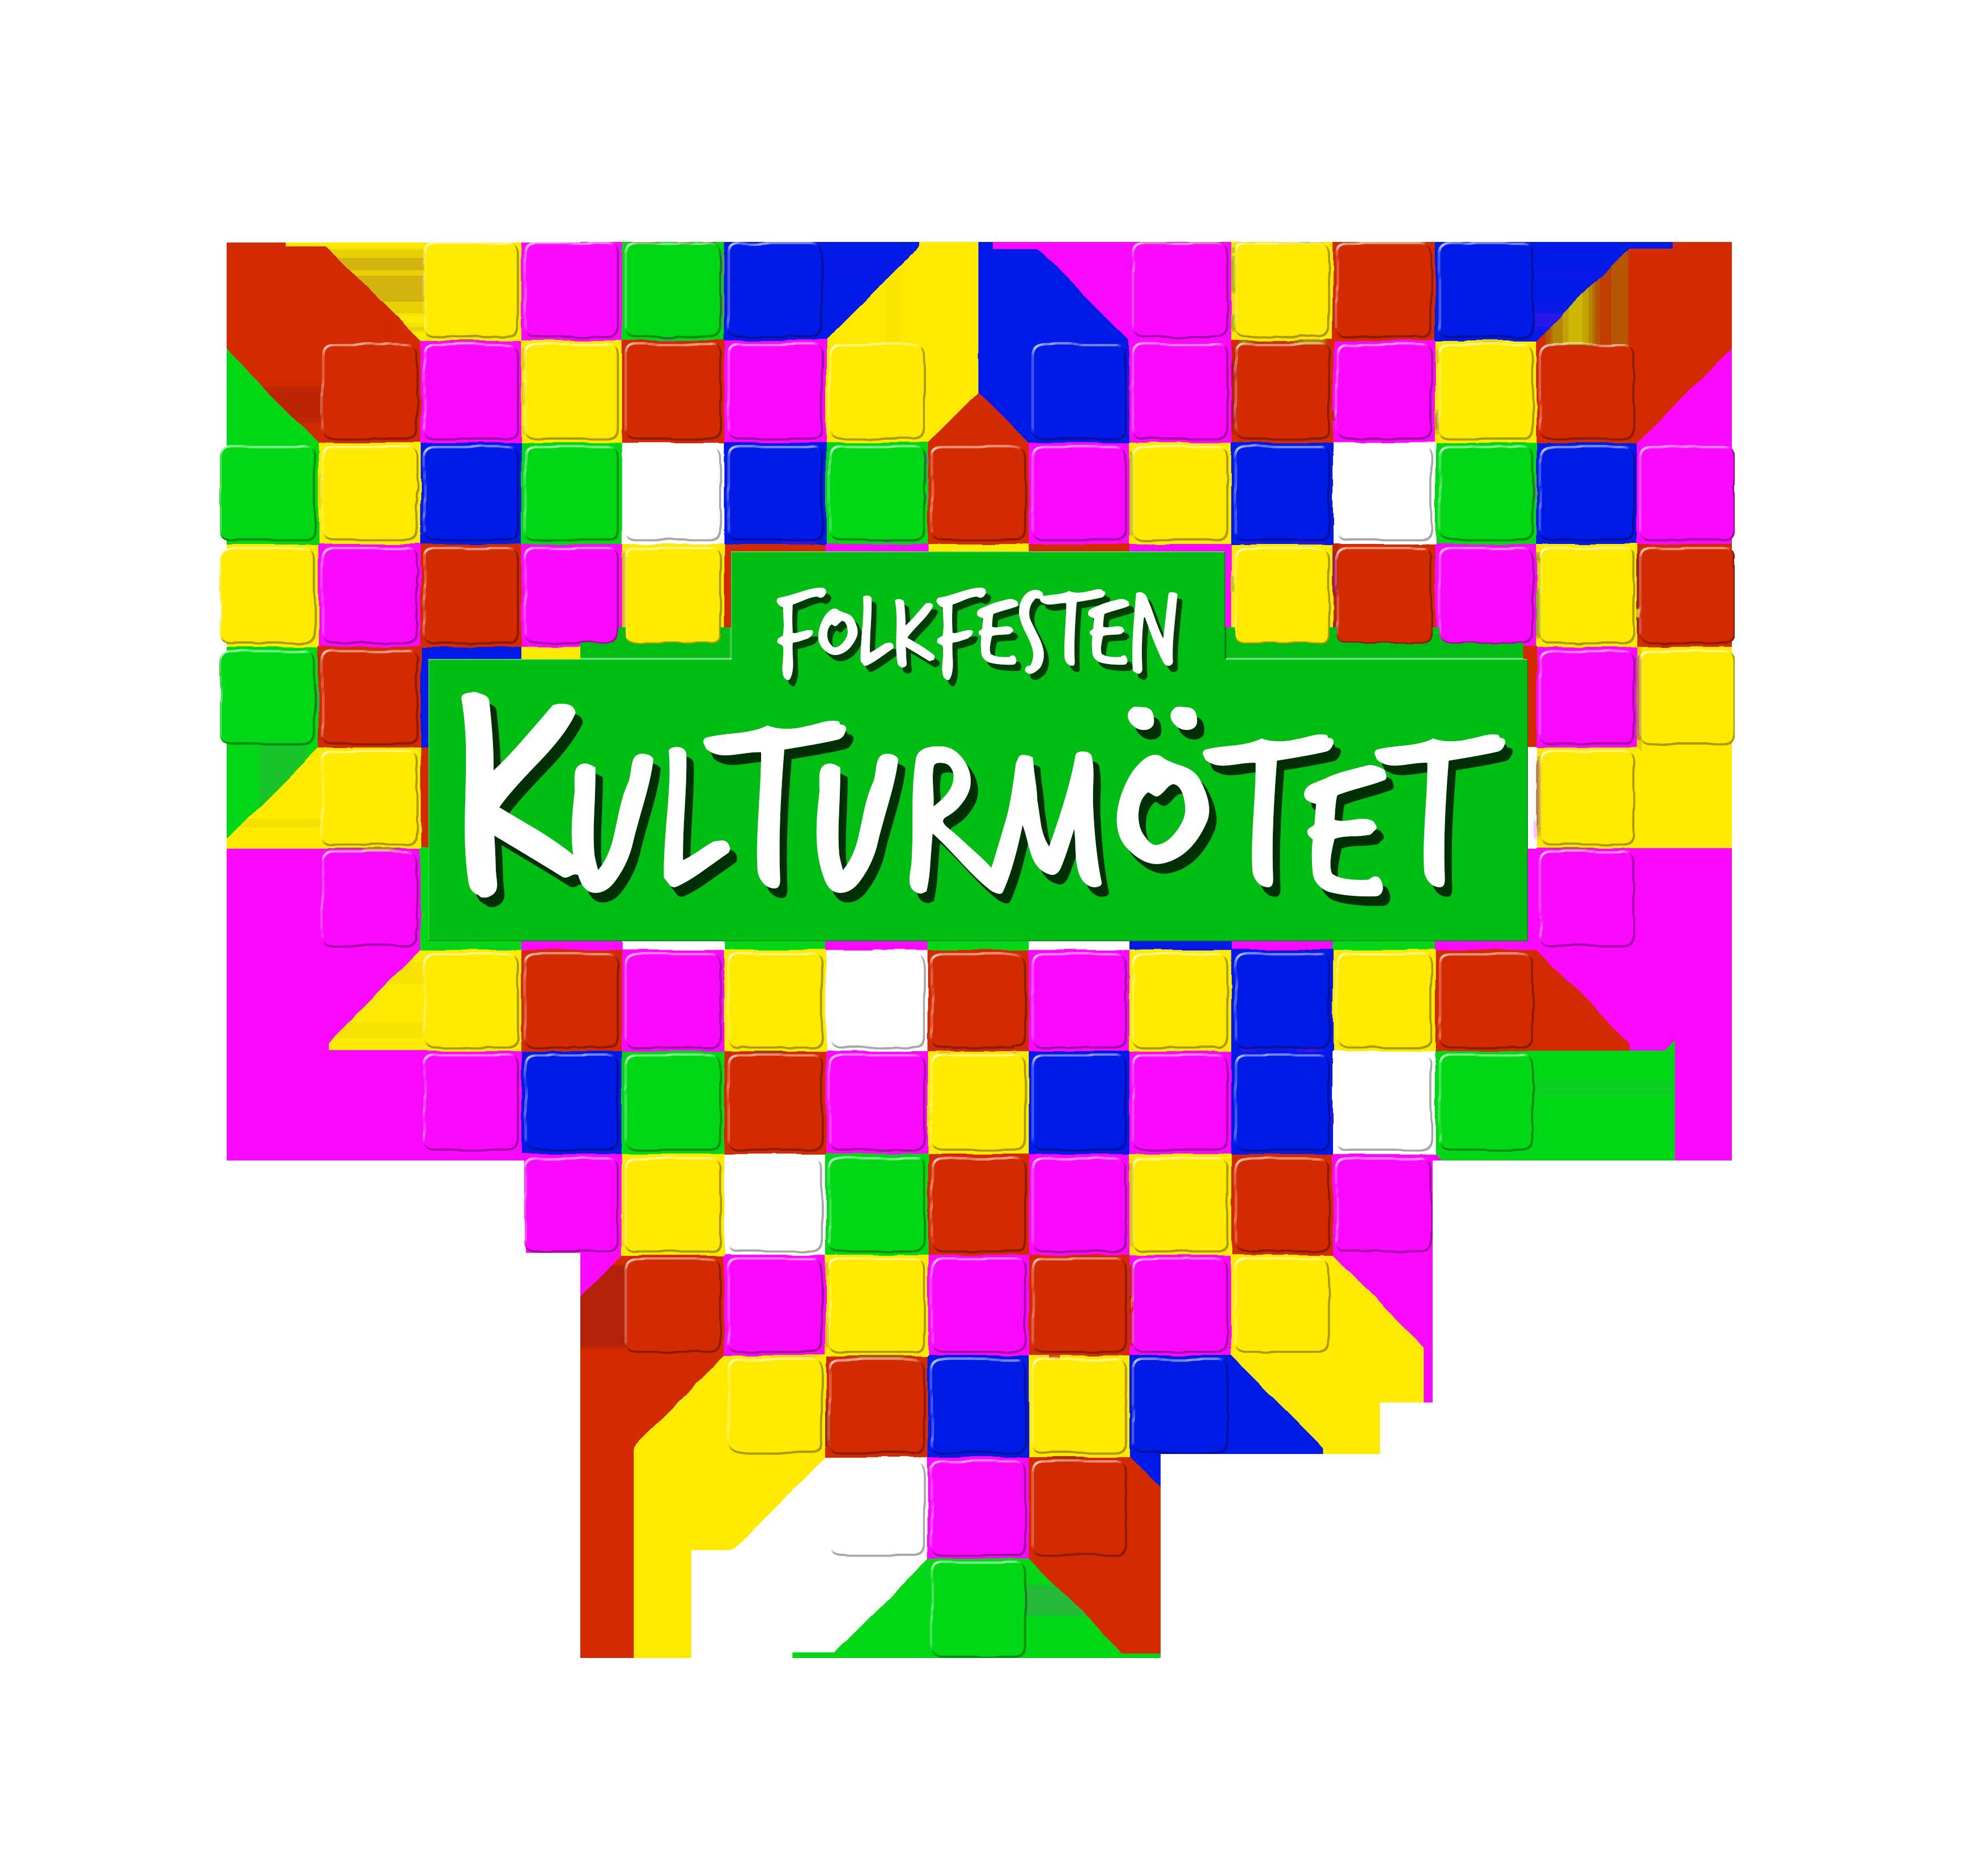 Folkfesten Kulturmötet